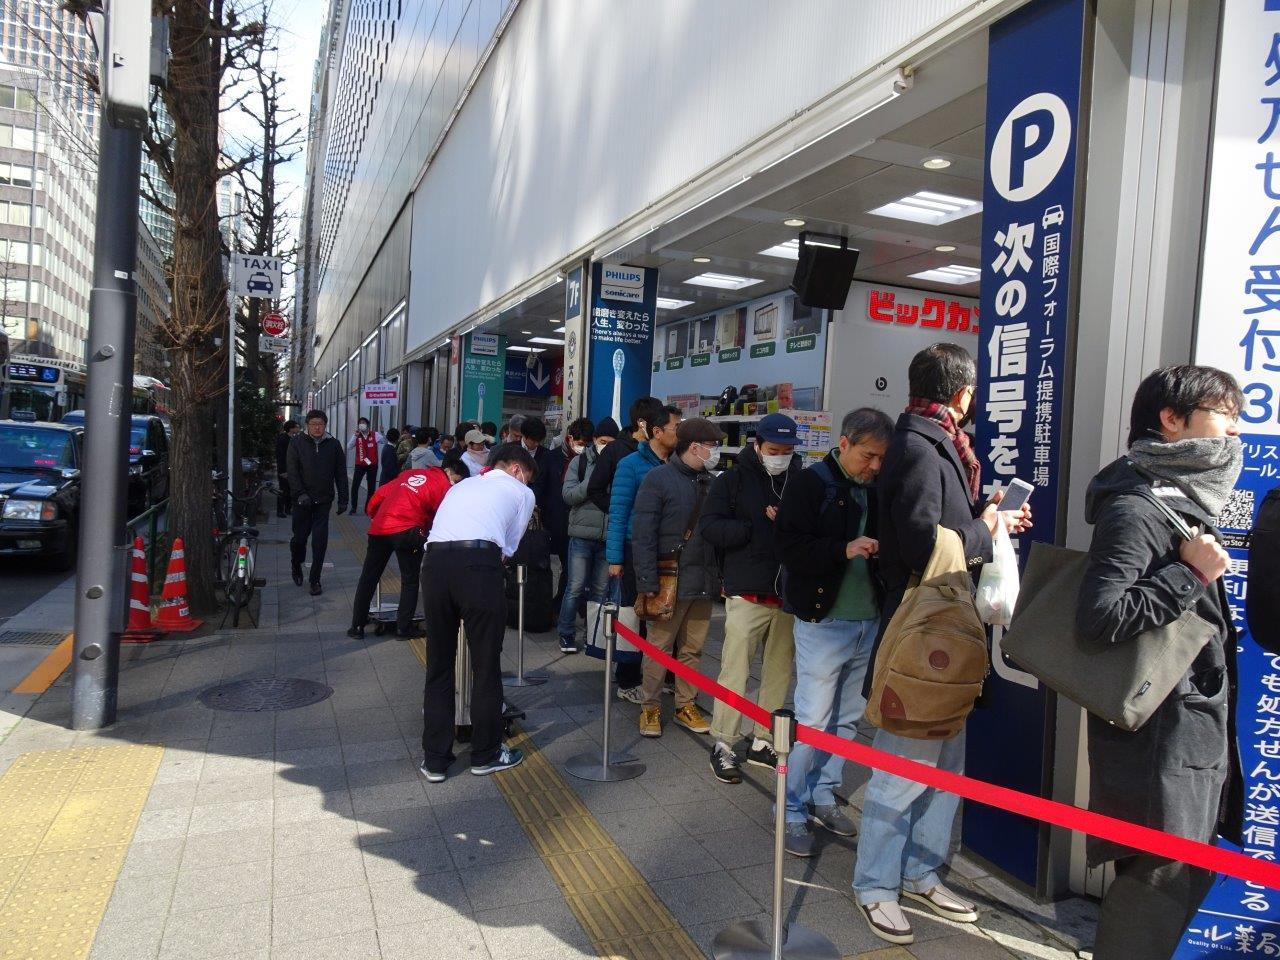 開店30分後には会計の列が店外にまで伸びた